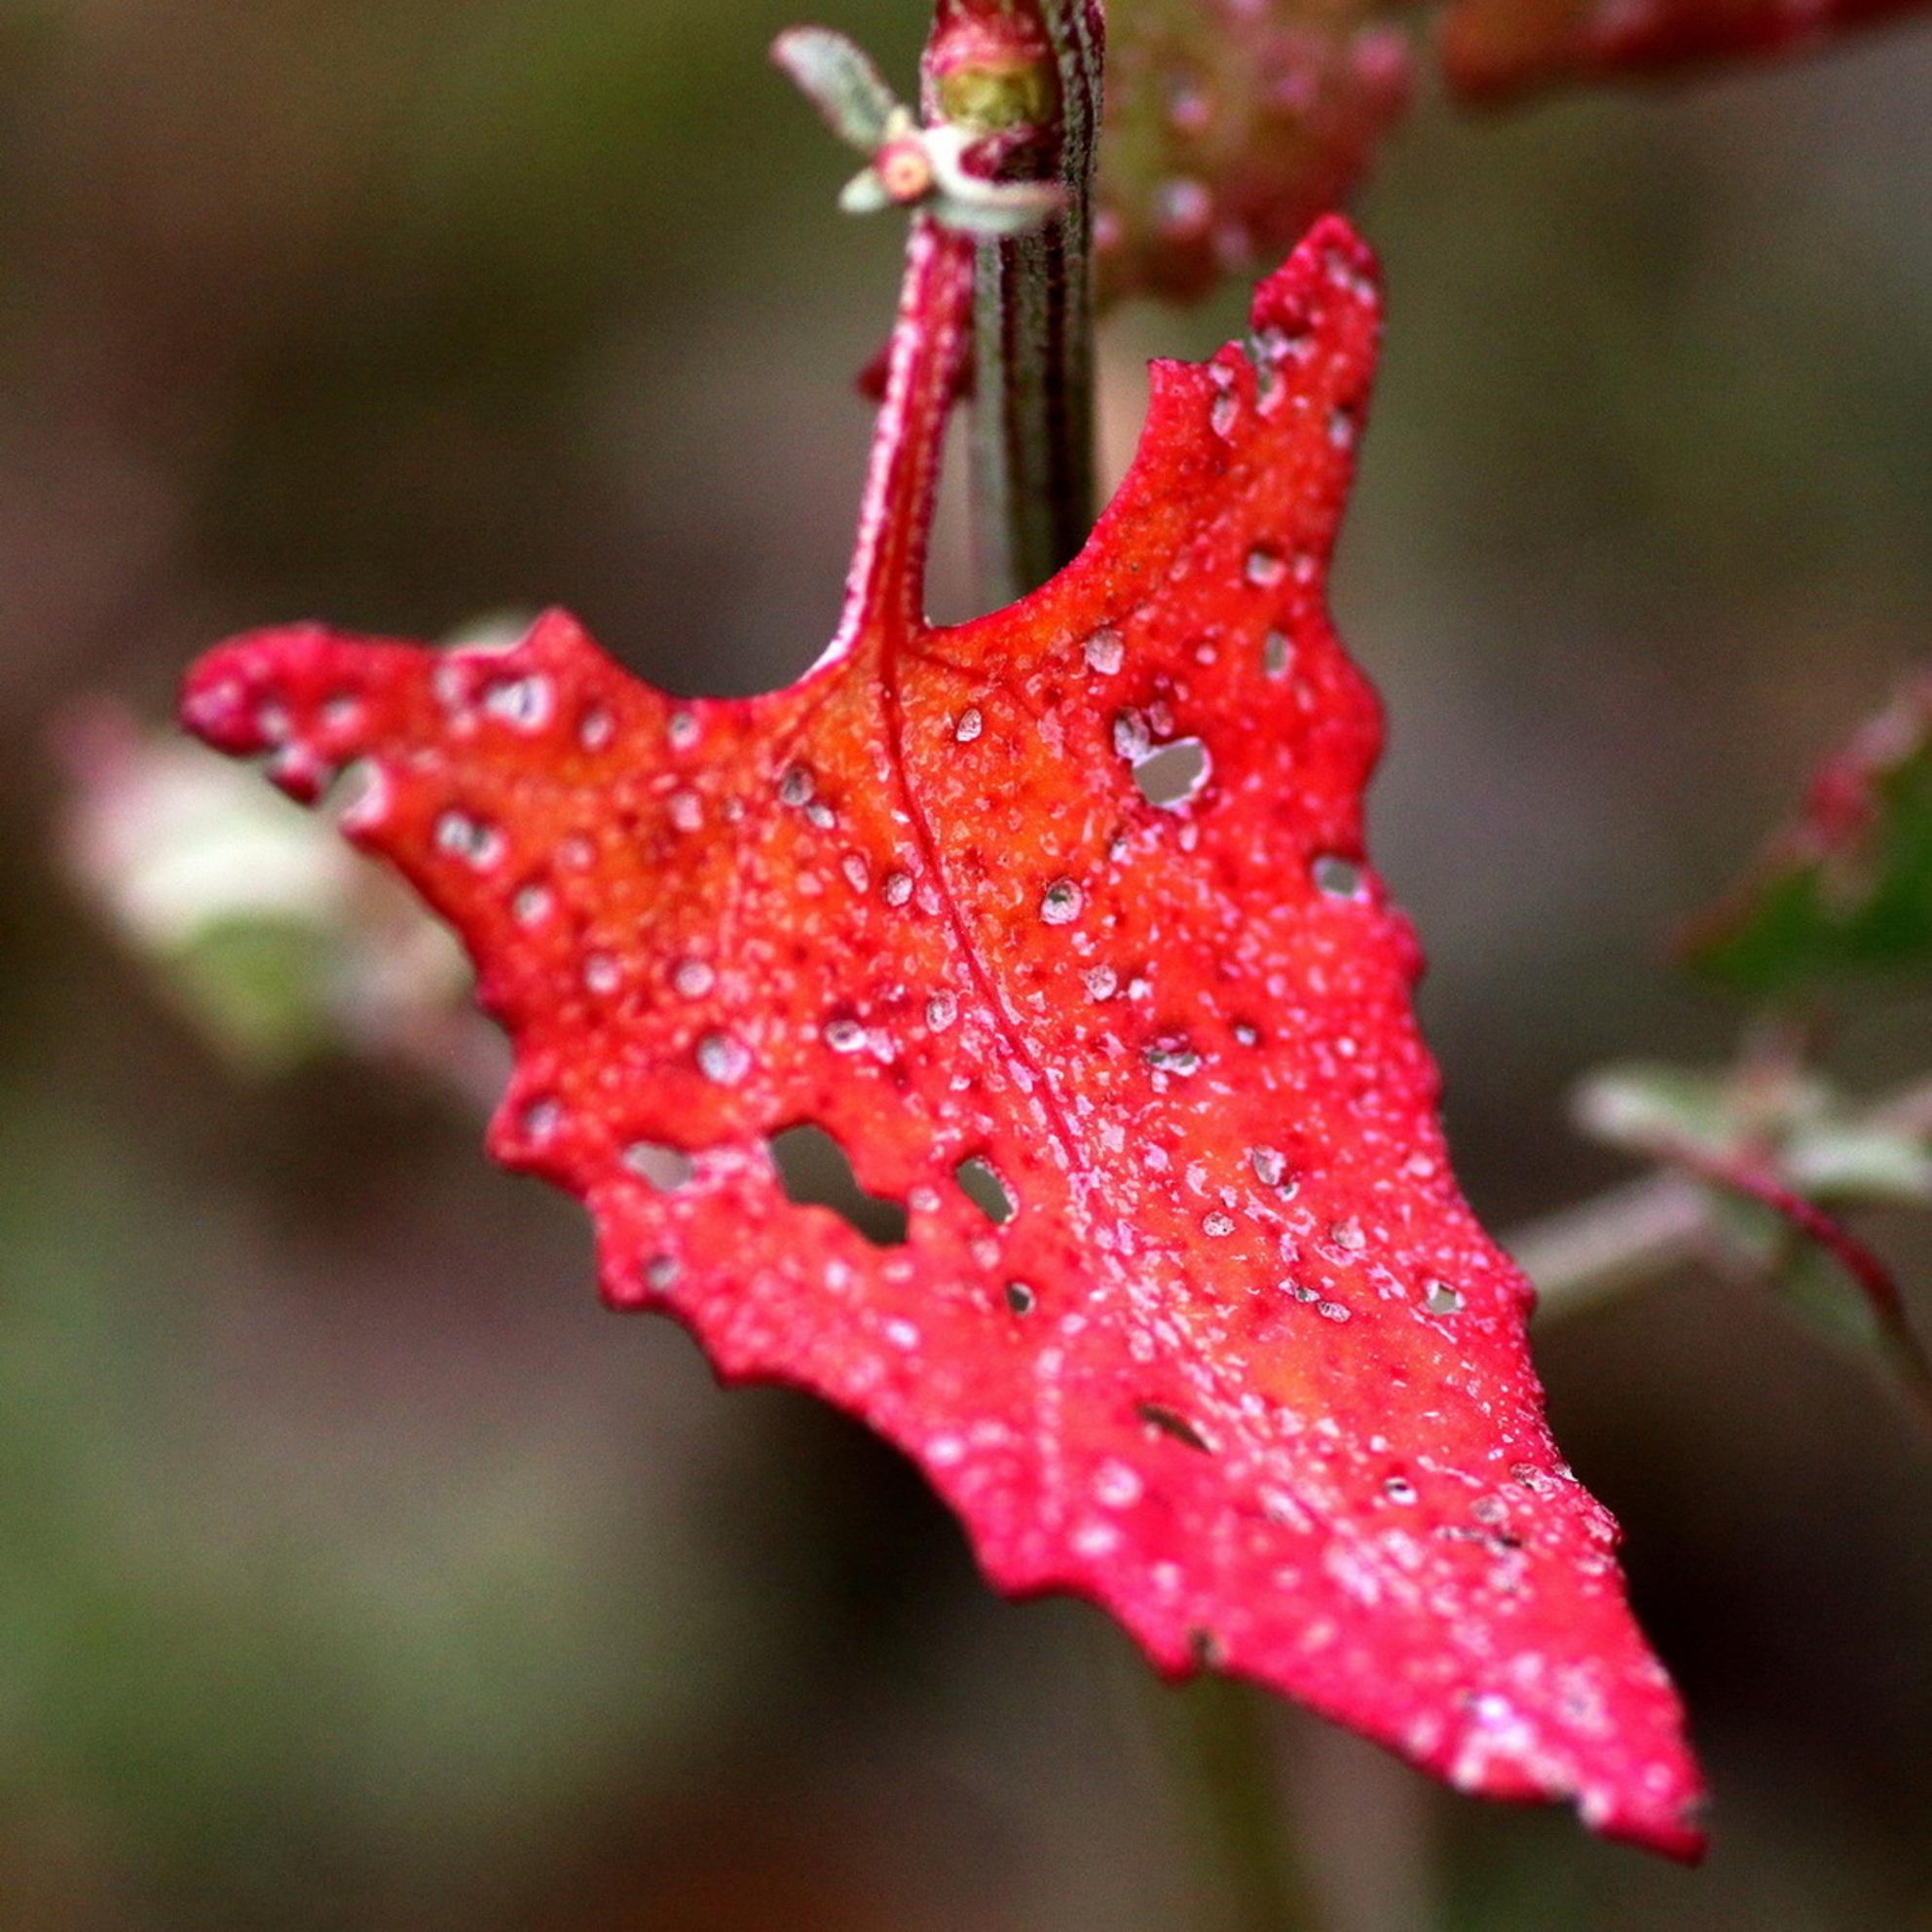 Blad -1- - Vandaag eens een wat andere benadering van de herfstfoto. Dit zijn bladeren van laag bij de grond groeiende vetplanten die een paar weken geleden in  - foto door fotohela op 19-10-2017 - deze foto bevat: roze, groen, paars, rood, macro, bloem, natuur, bruin, licht, oranje, herfst, dof - Deze foto mag gebruikt worden in een Zoom.nl publicatie